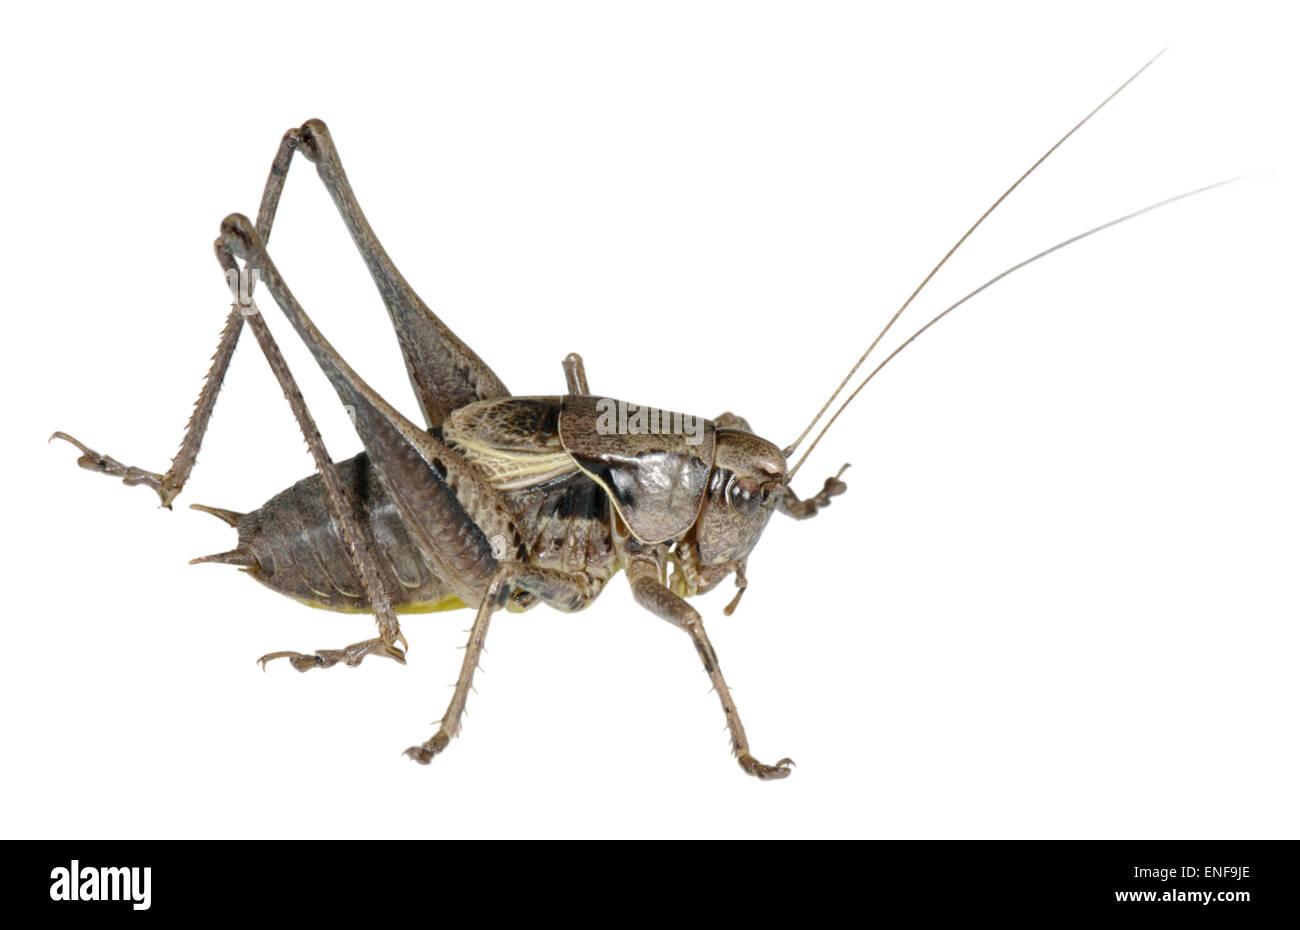 Bush foncé-griseoaptera Pholidoptera cricket - mâle Photo Stock